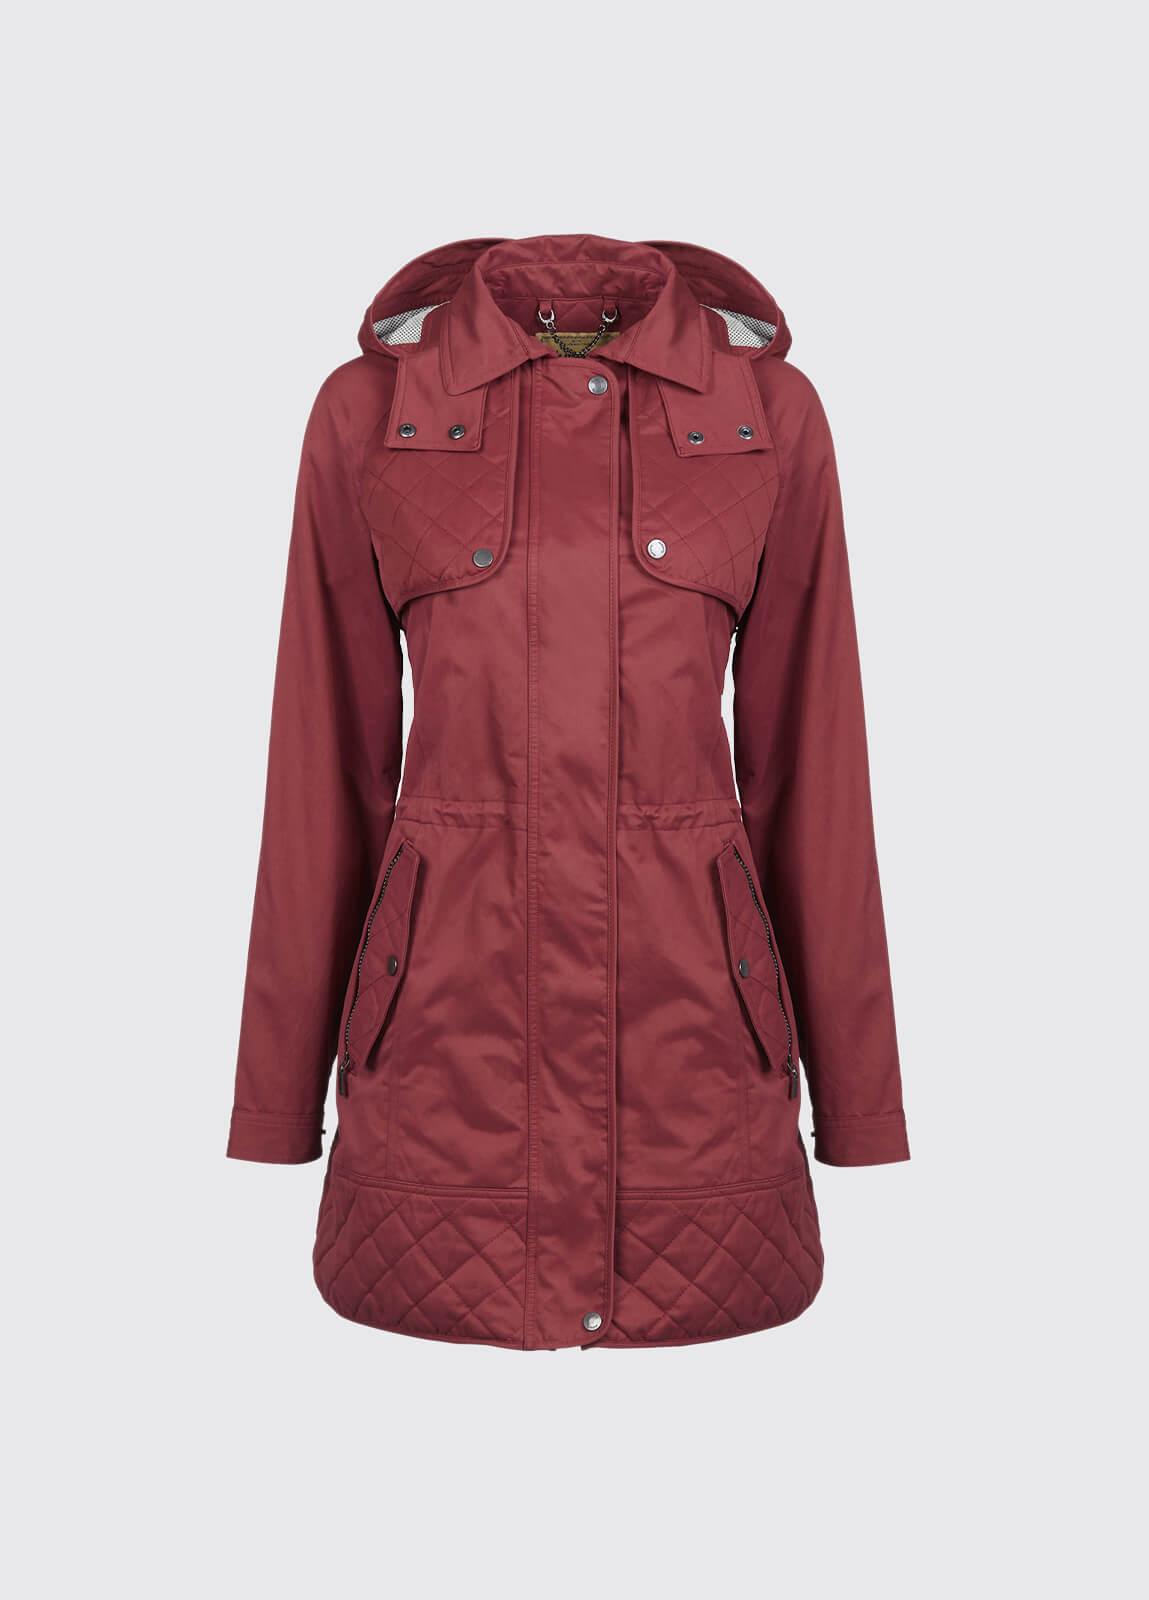 Barrington Women's Waterproof Hooded Coat - Merlot Multi